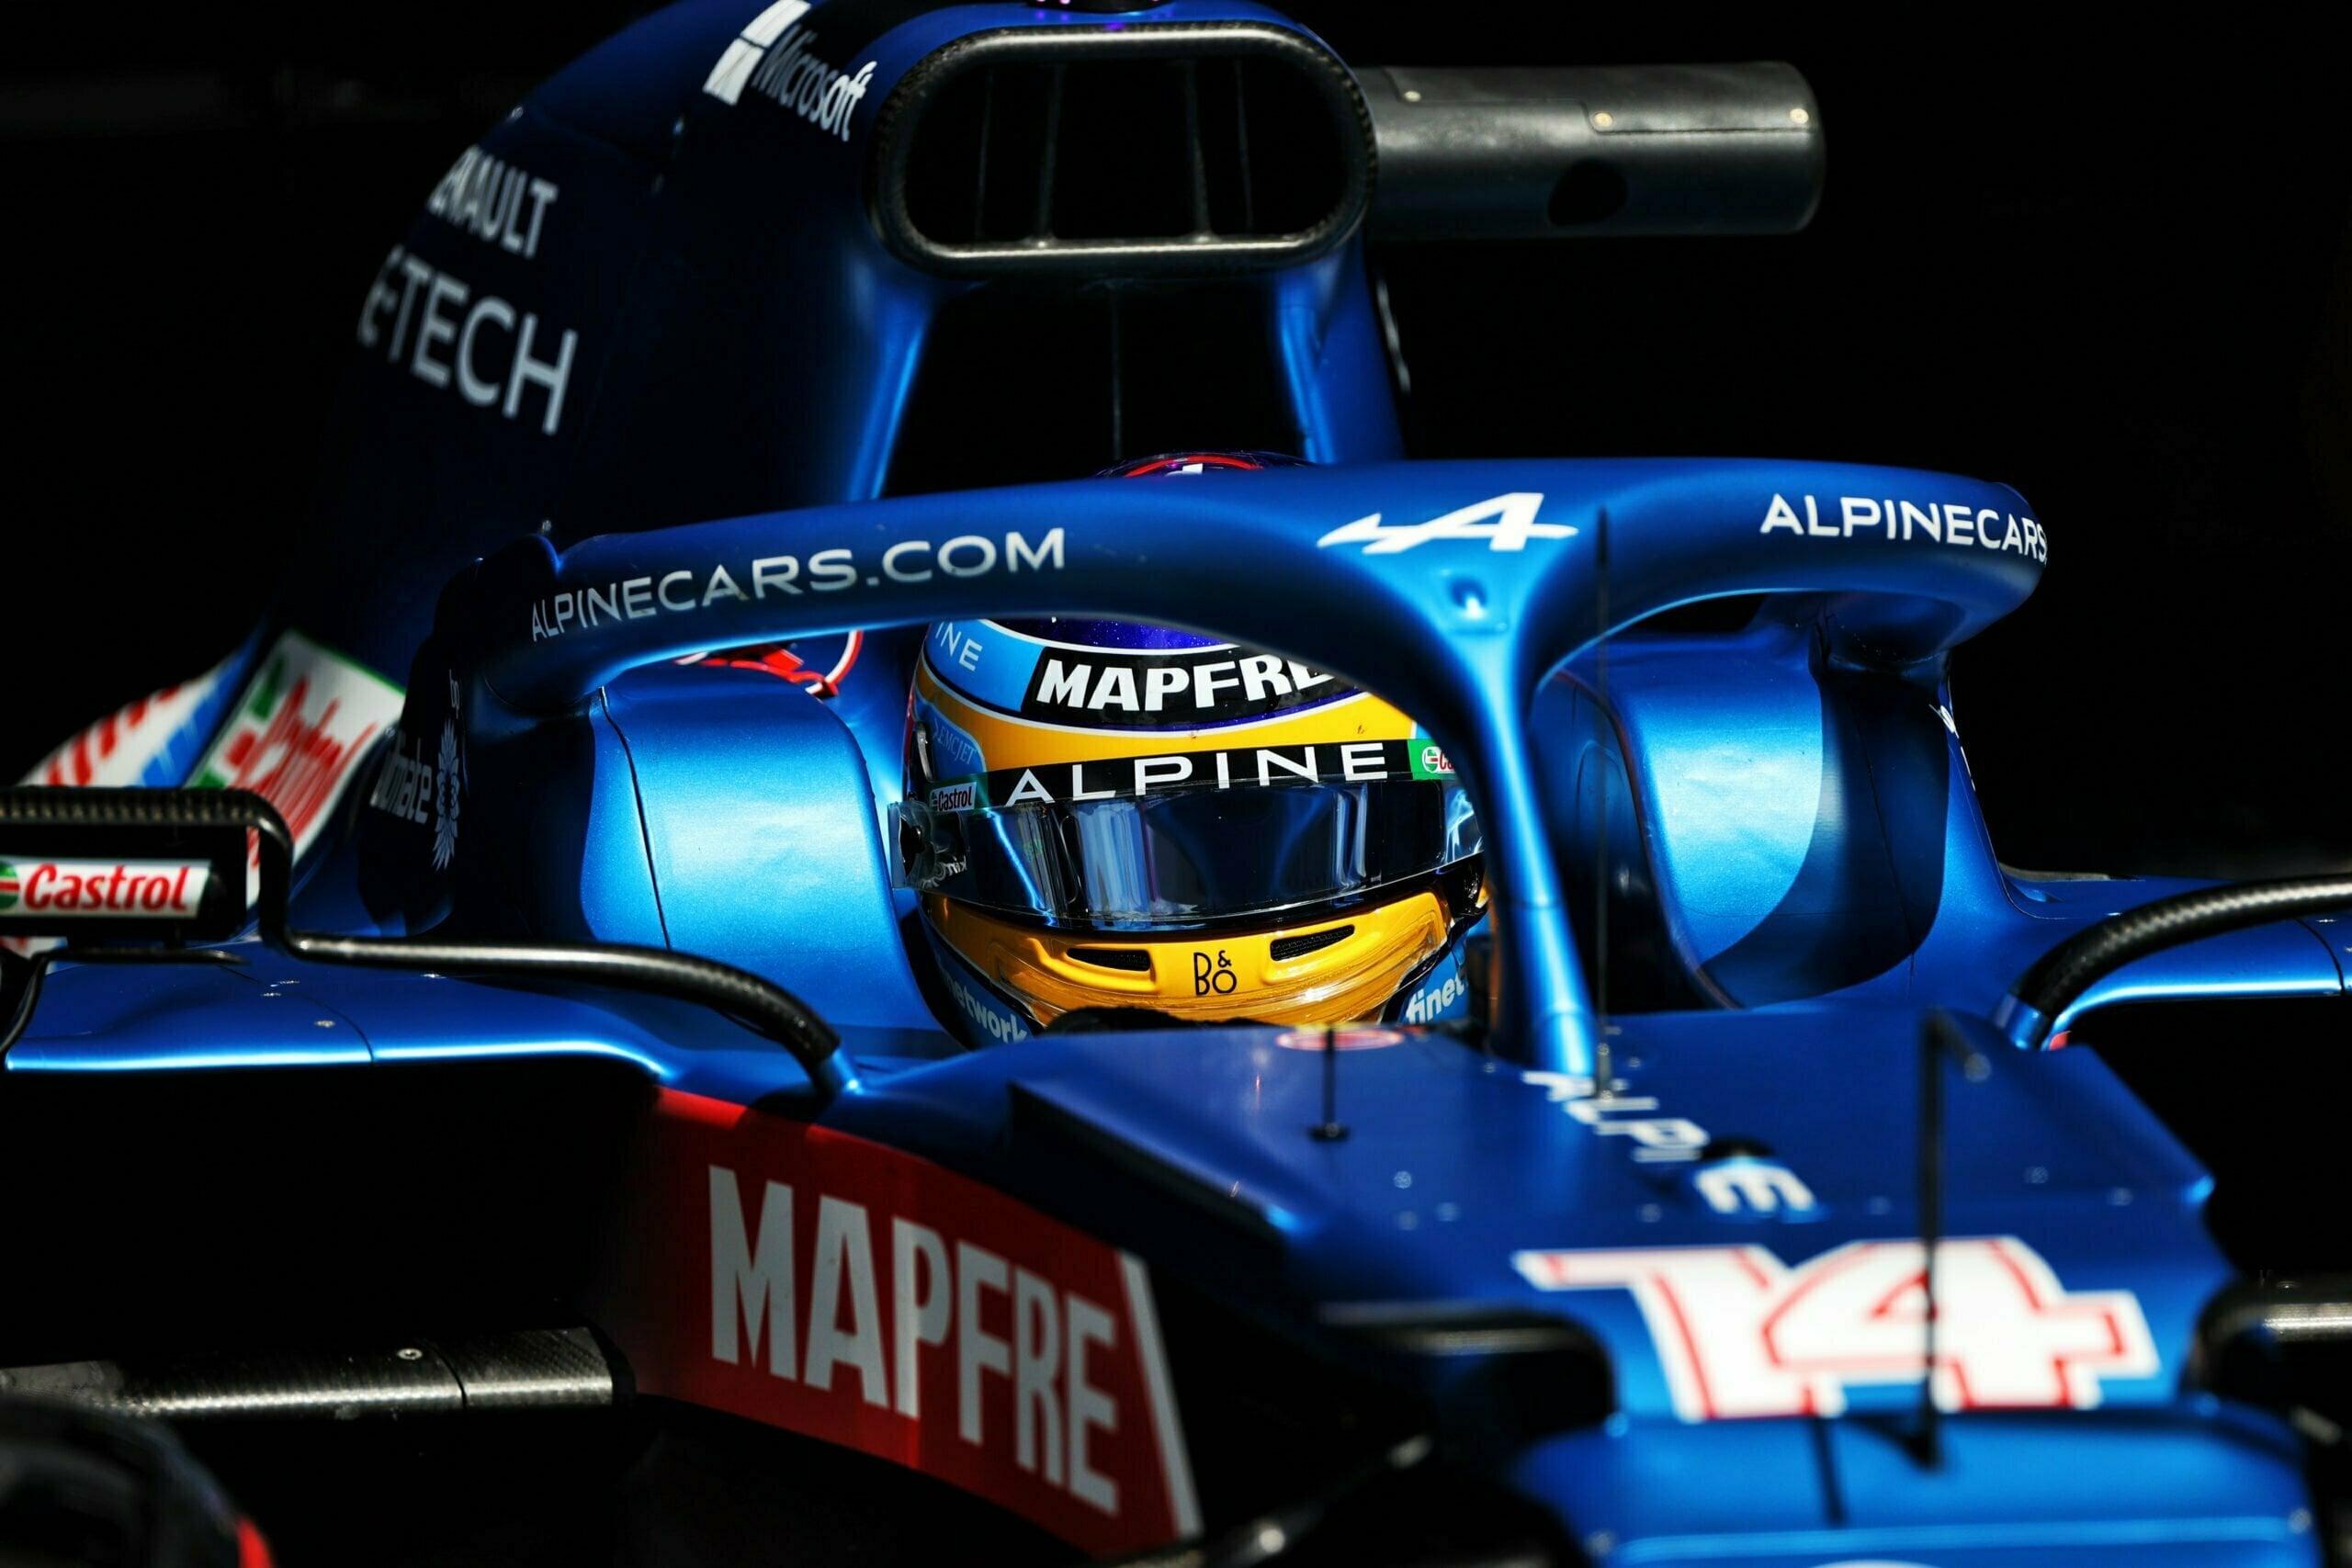 Alpine F1 Team Alonso Ocon Autriche Steiermark Grand Prix Spielberg A521 2021 24 scaled   Alpine F1 : Alonso réitère la Q3 et Ocon trébuche en Q1 à Spielberg